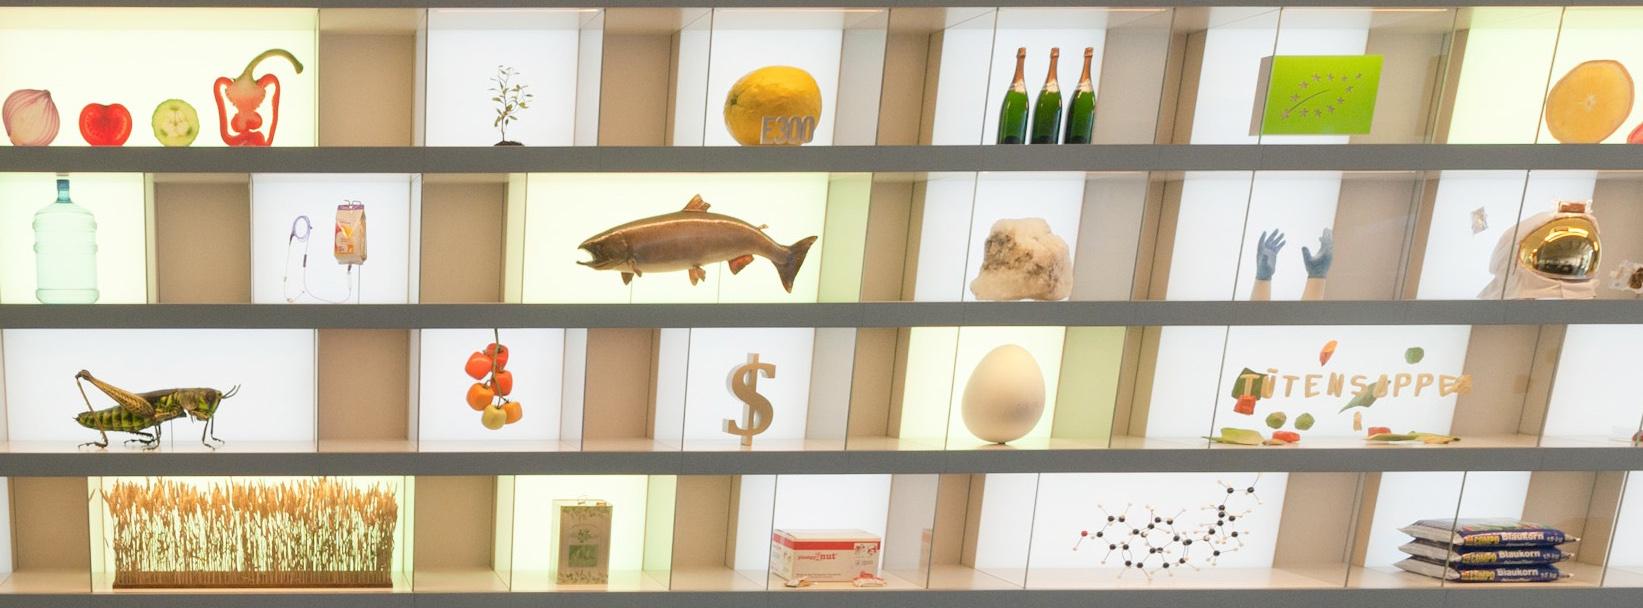 พิพิธภัณฑ์เยอรมัน -เรื่องราว